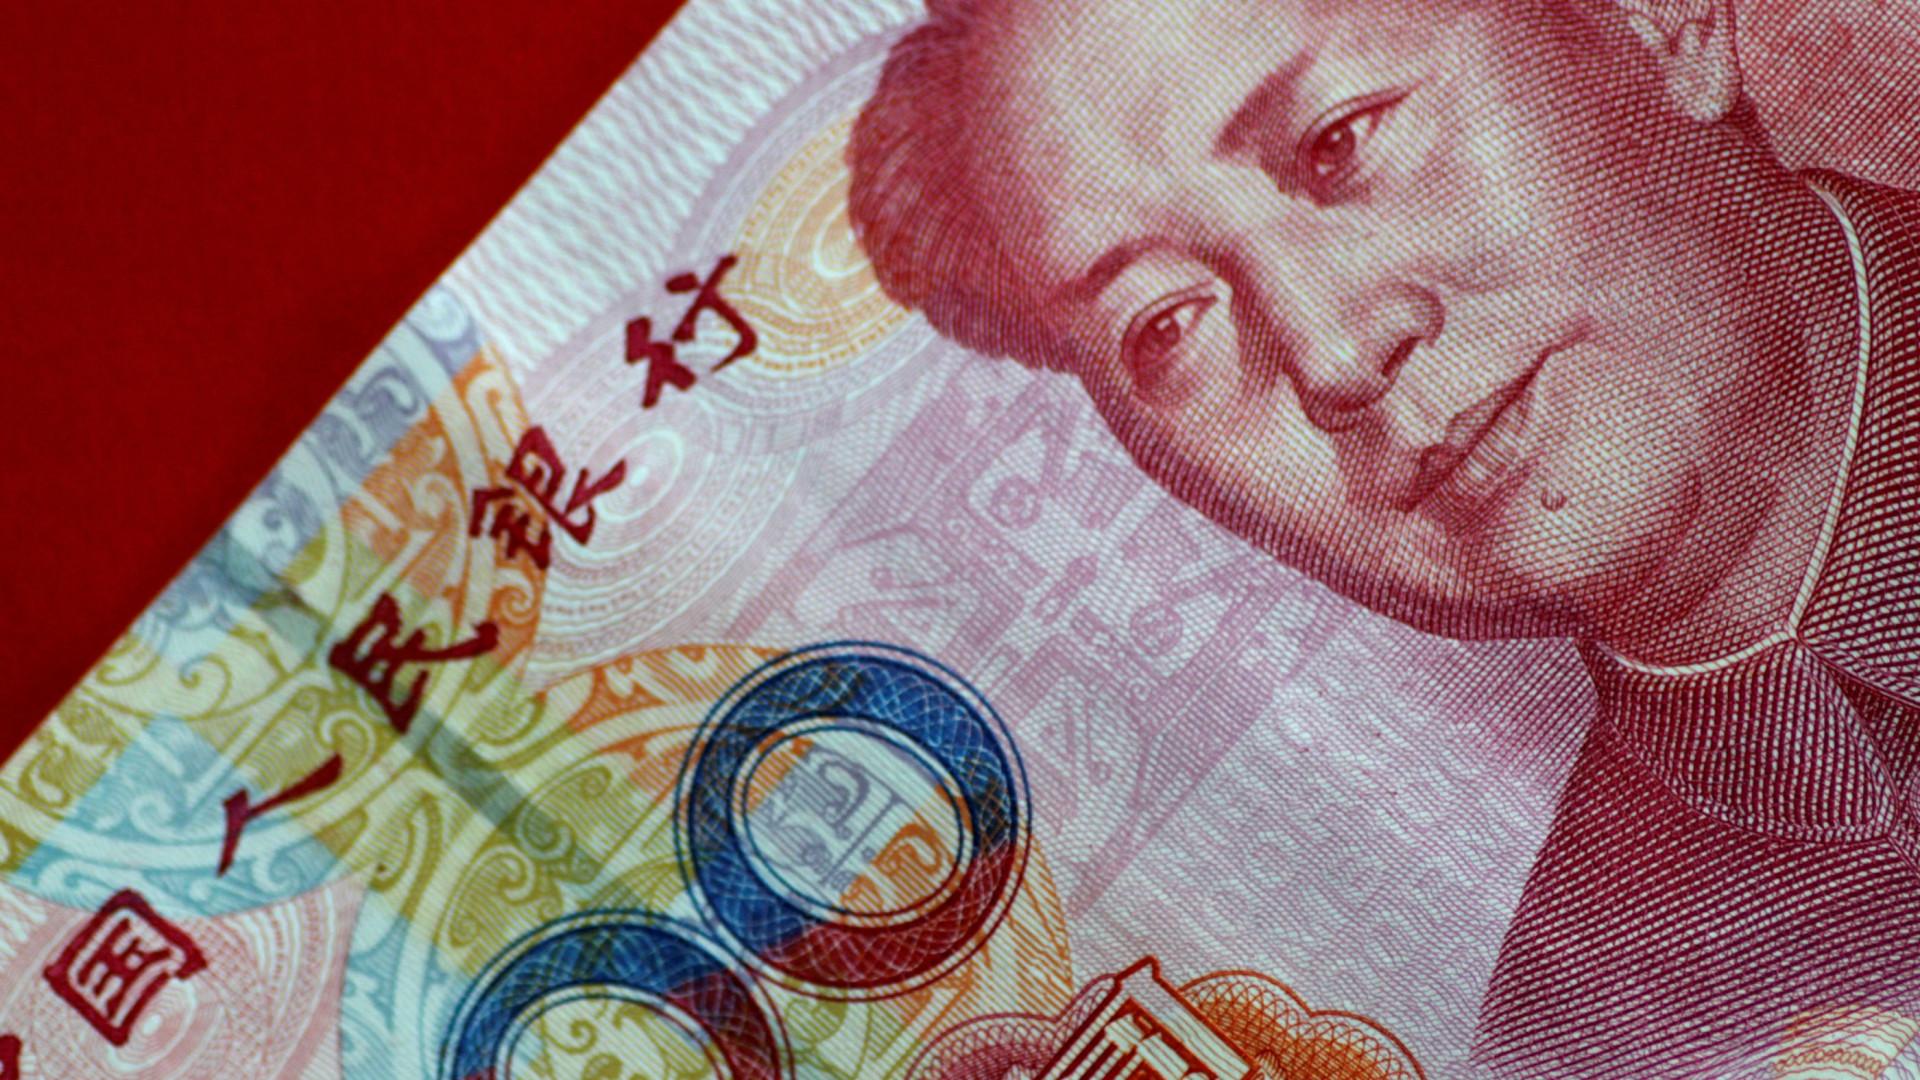 Empréstimos atingem recorde na China no primeiro semestre do ano